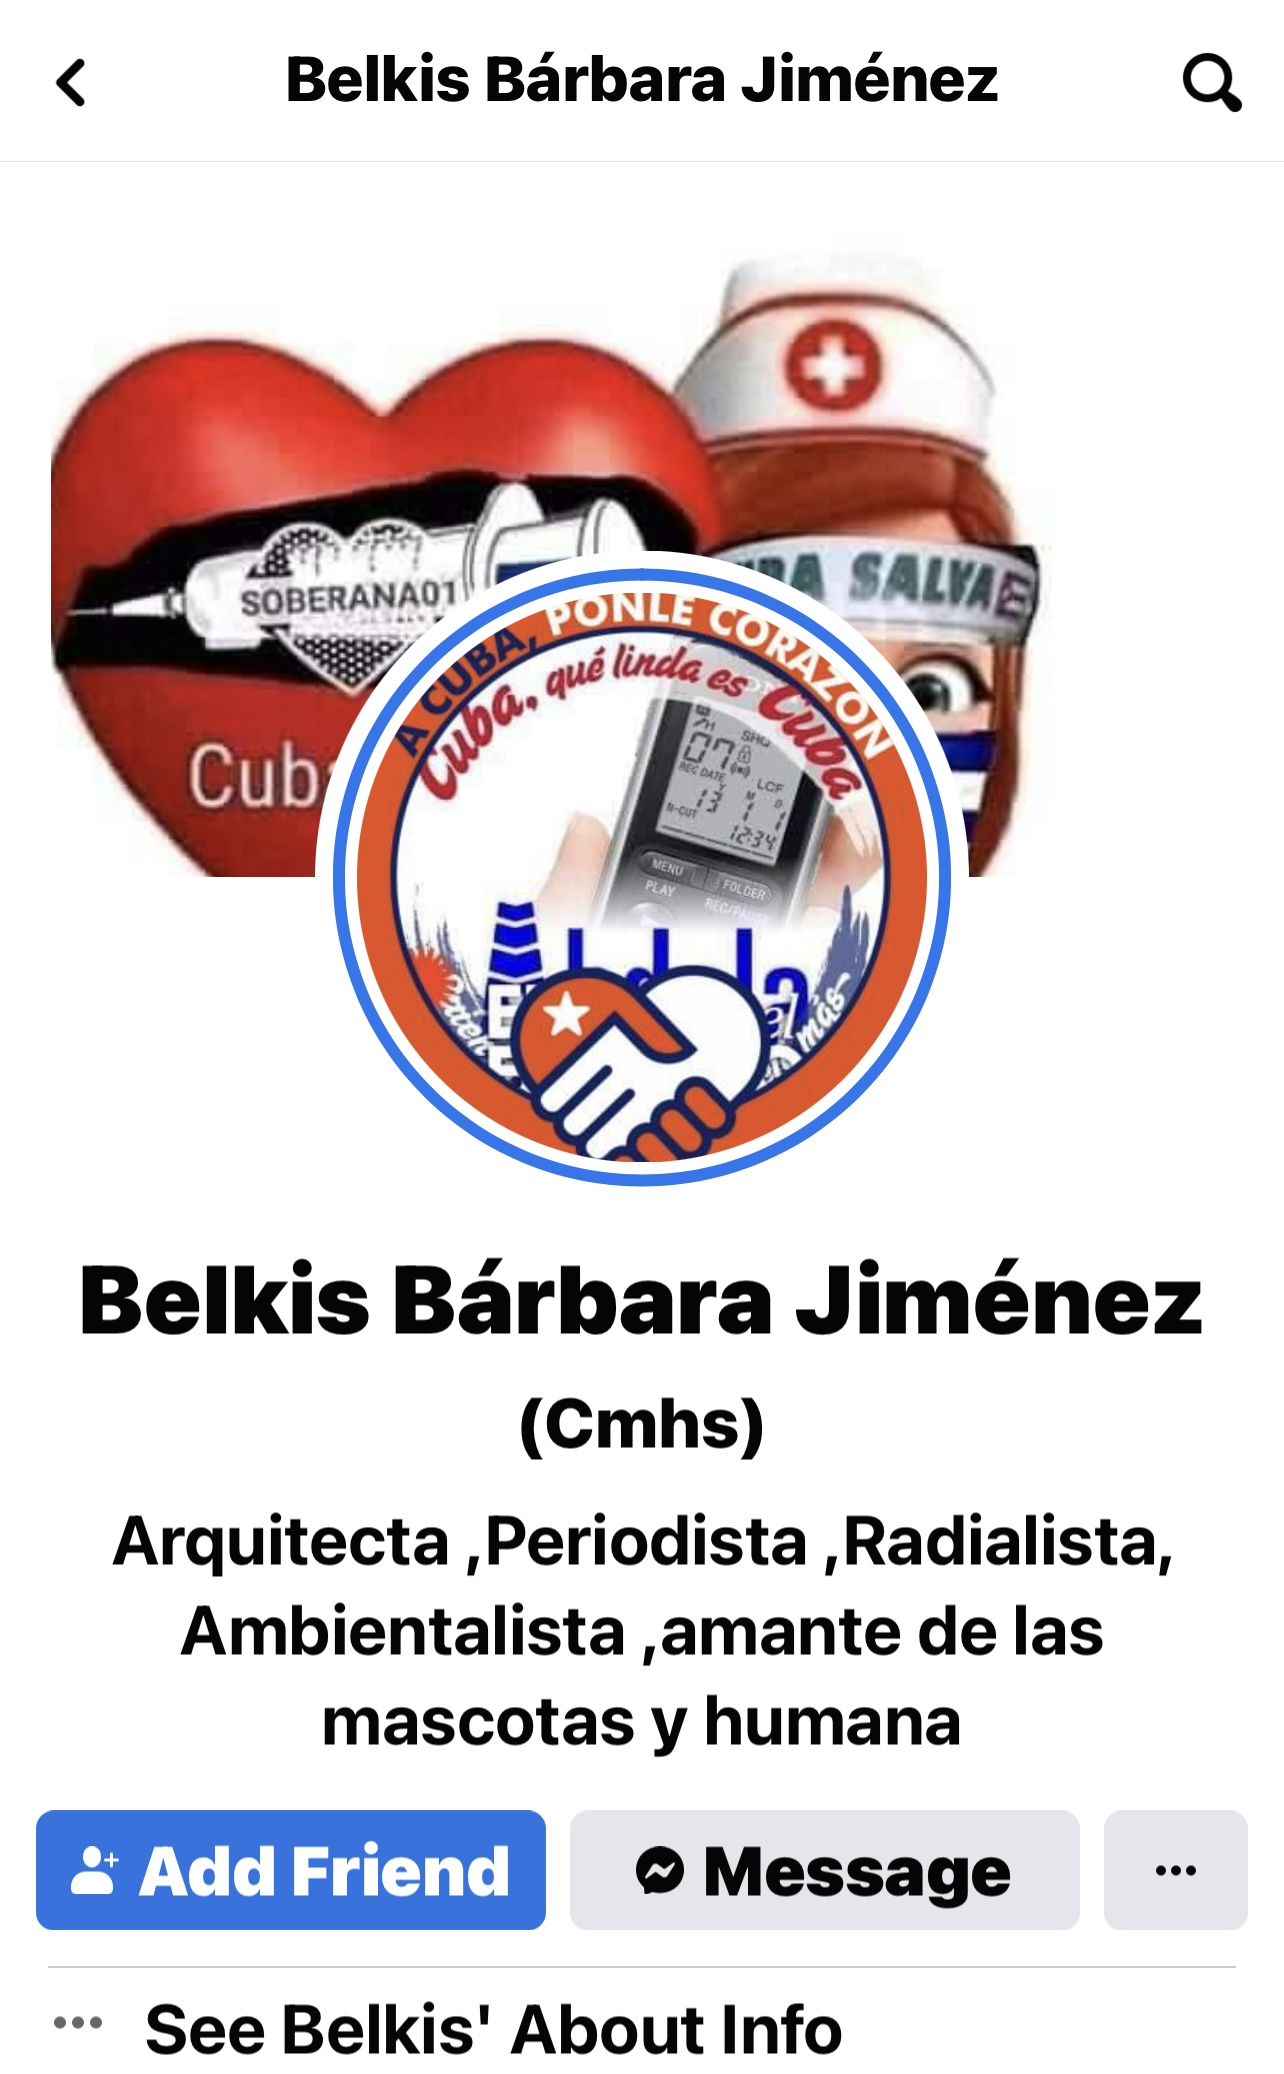 Belkis Barbara Jiménez Cruz